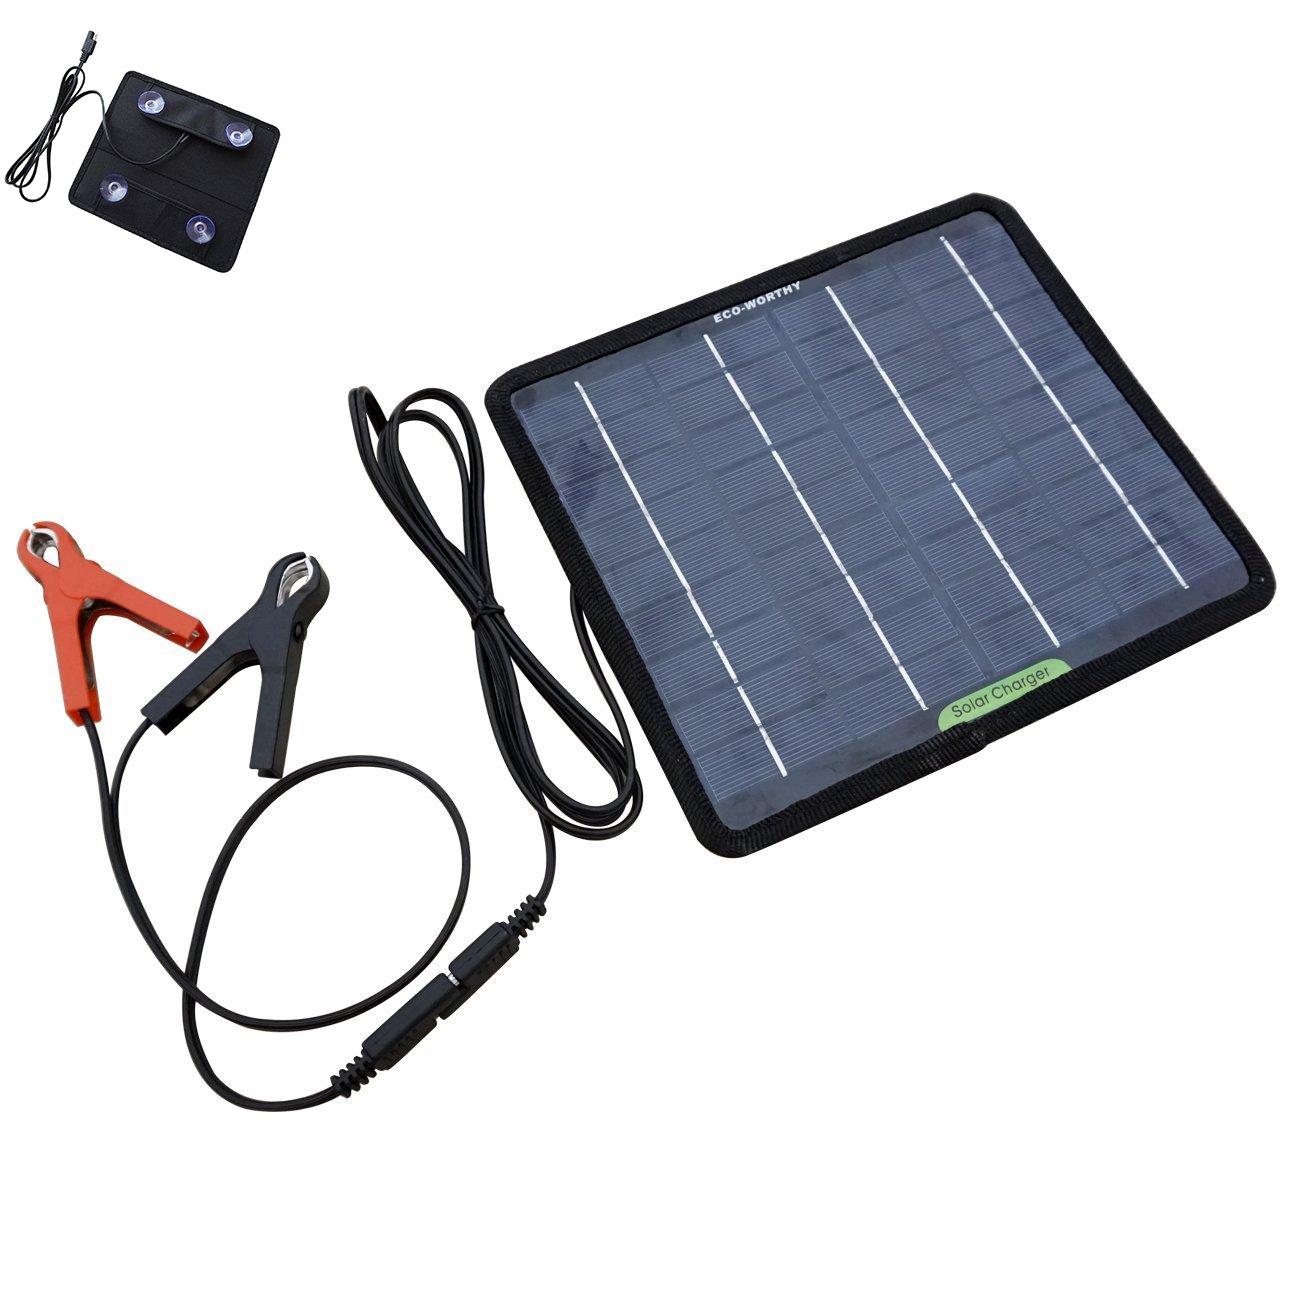 Petite taille 5W Panneau solaire portable pour bateau de voiture motos 12V Charge de la batterie